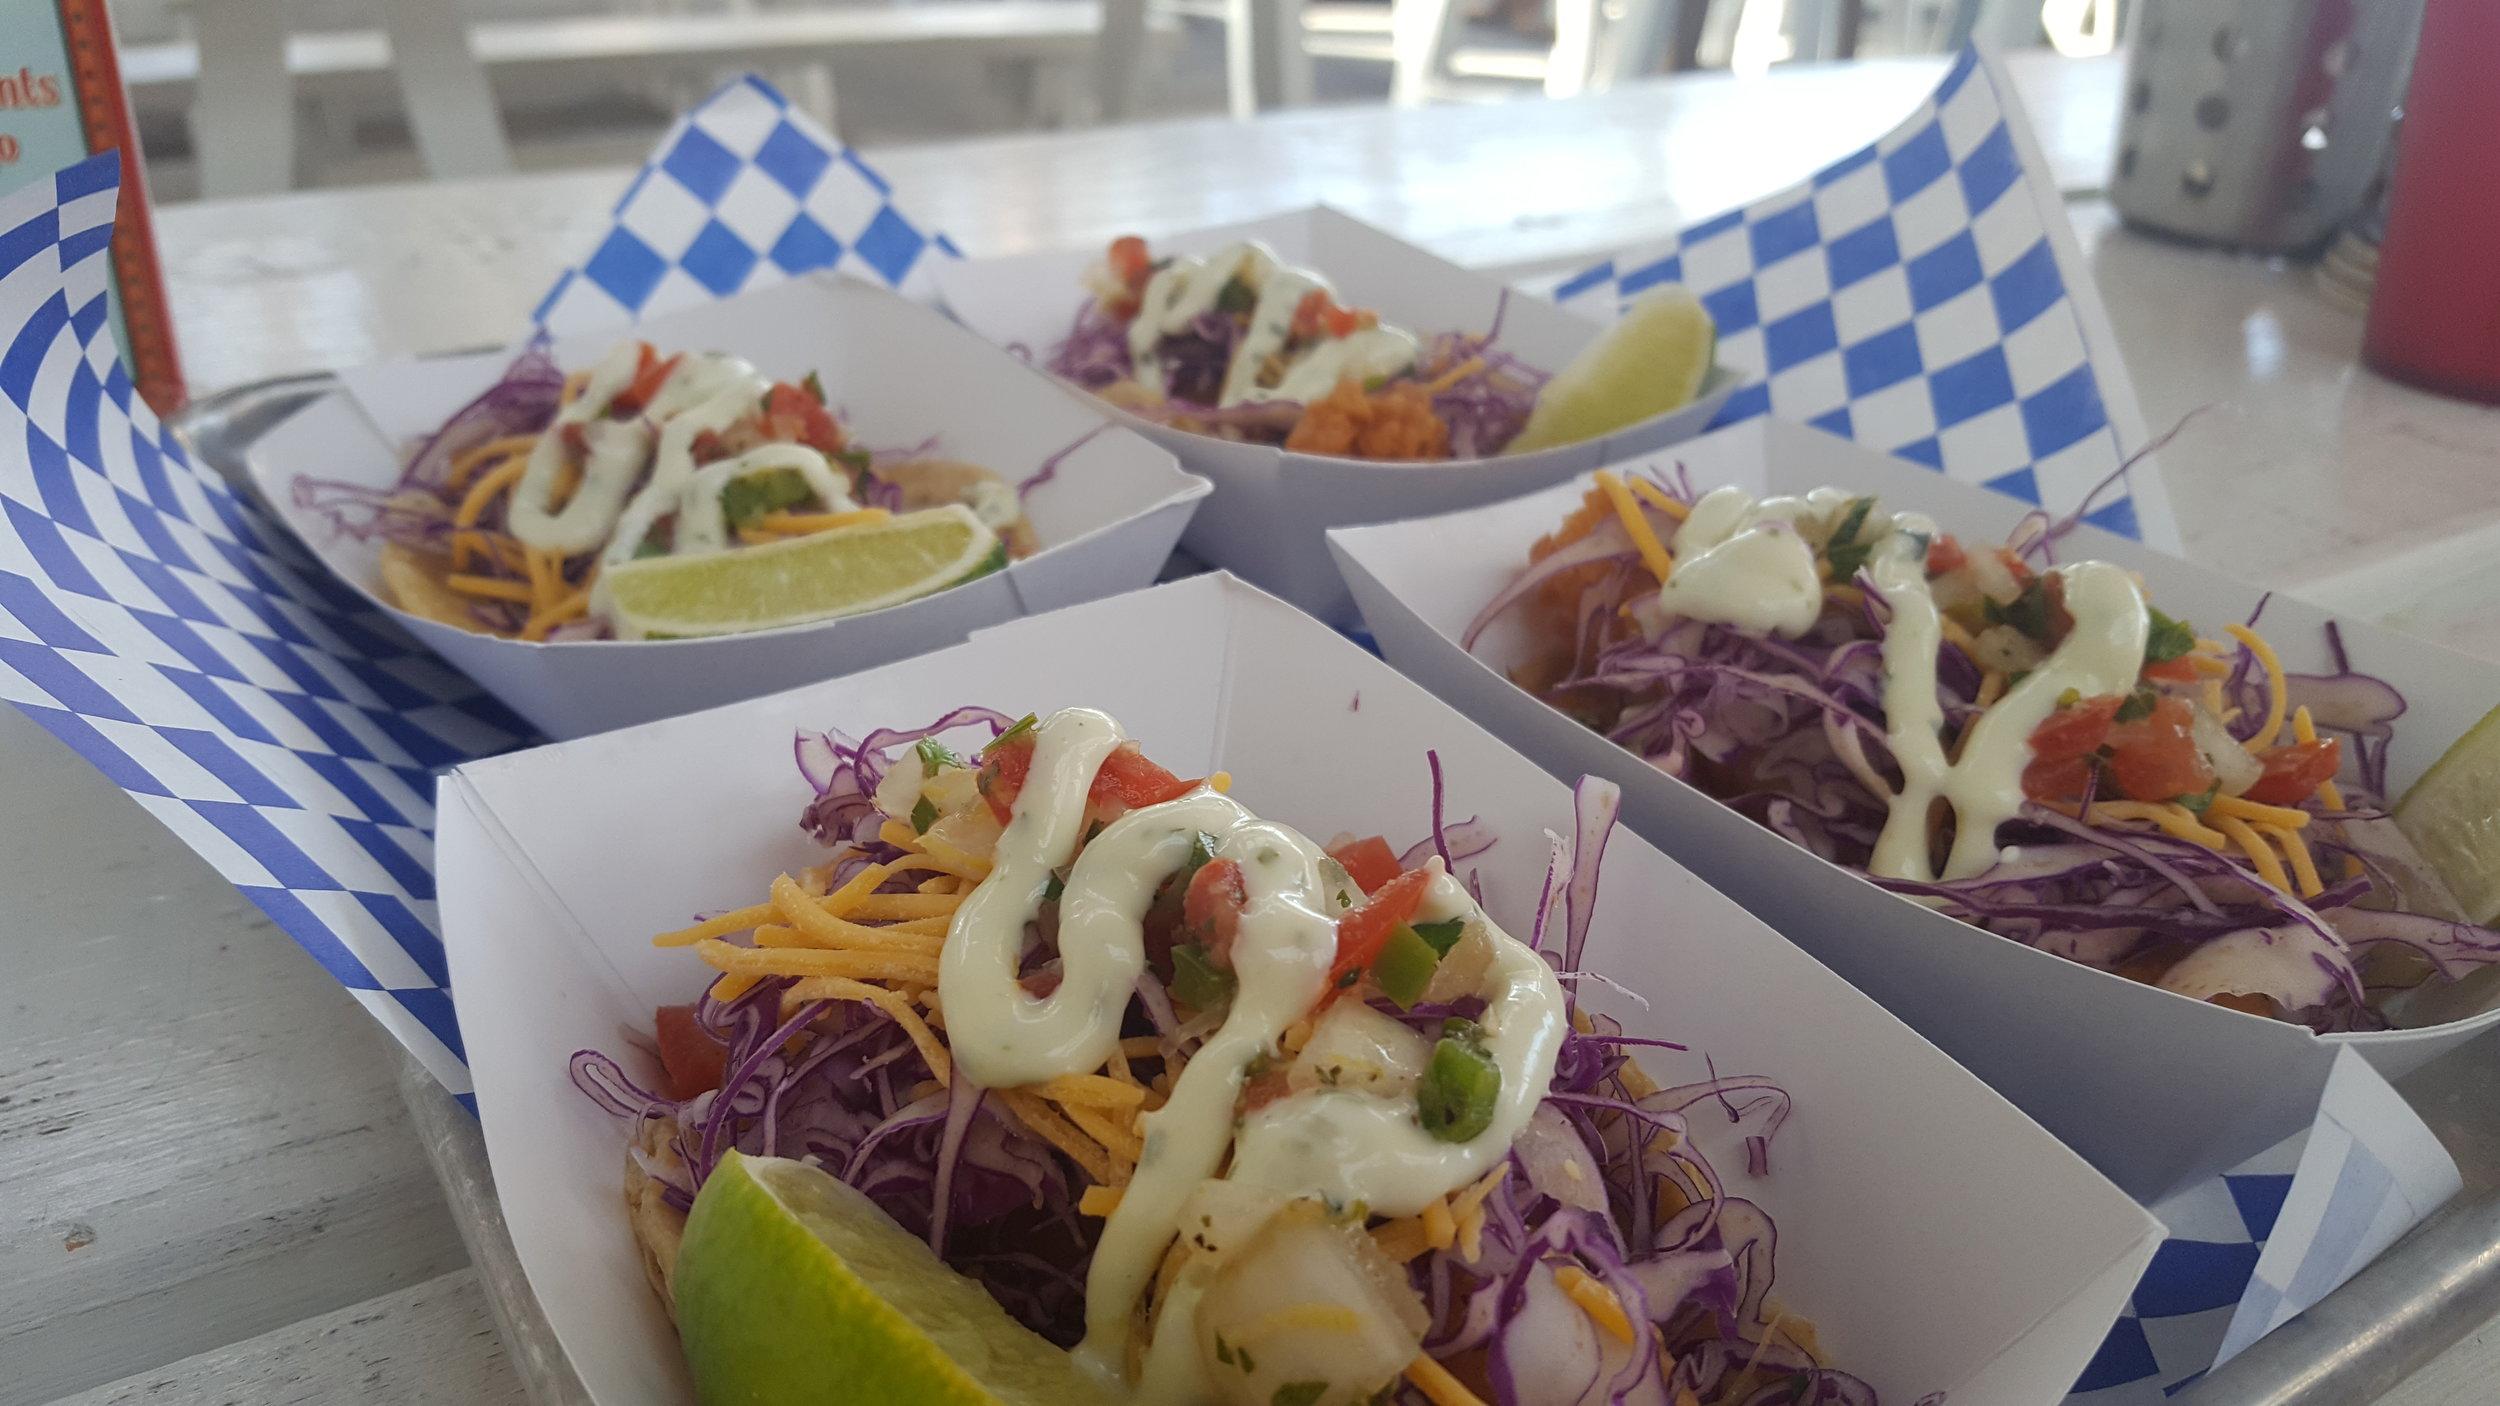 Baja fried fish tacos at Beerfish